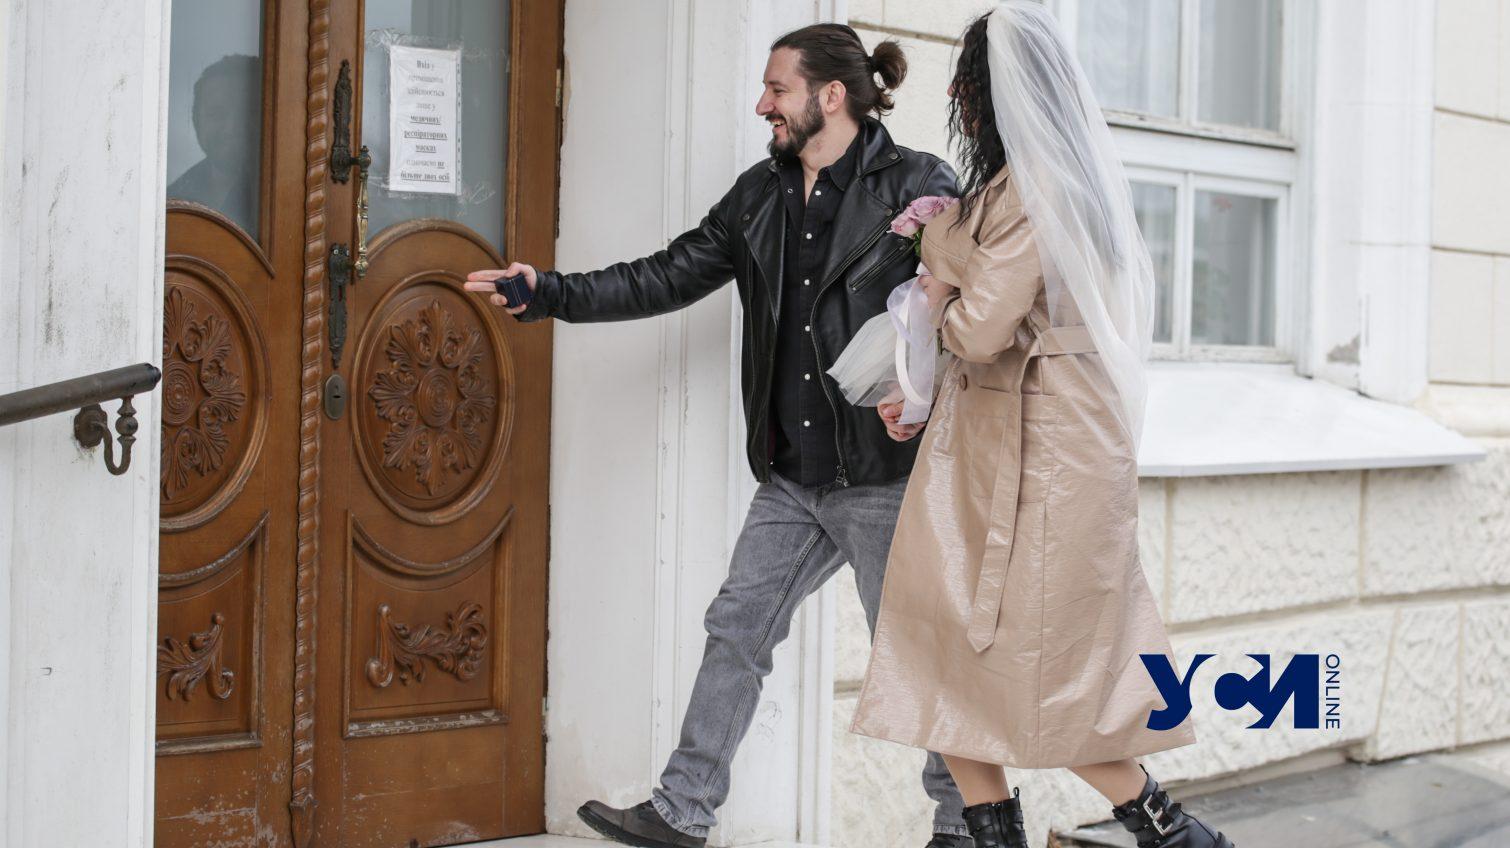 Свадьбы романтиков: как проходит День влюбленных в главном ЗАГСе Одессы (фото) «фото»